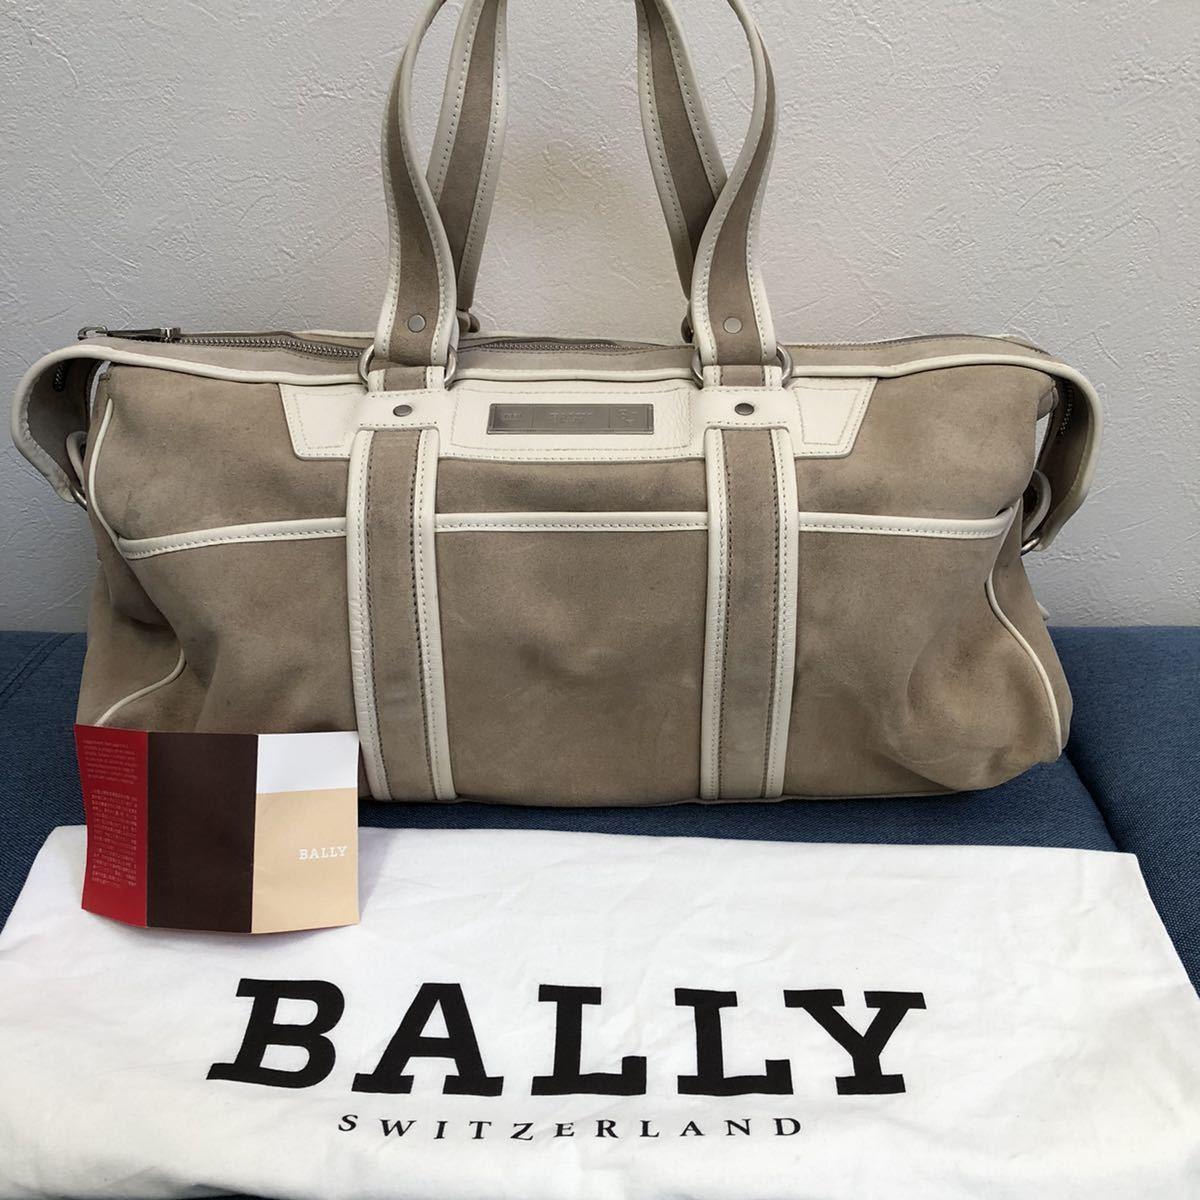 BALLY バリー メンズ イタリア製 トートバッグ ボストンバッグ 銀座店購入 参考価格29万